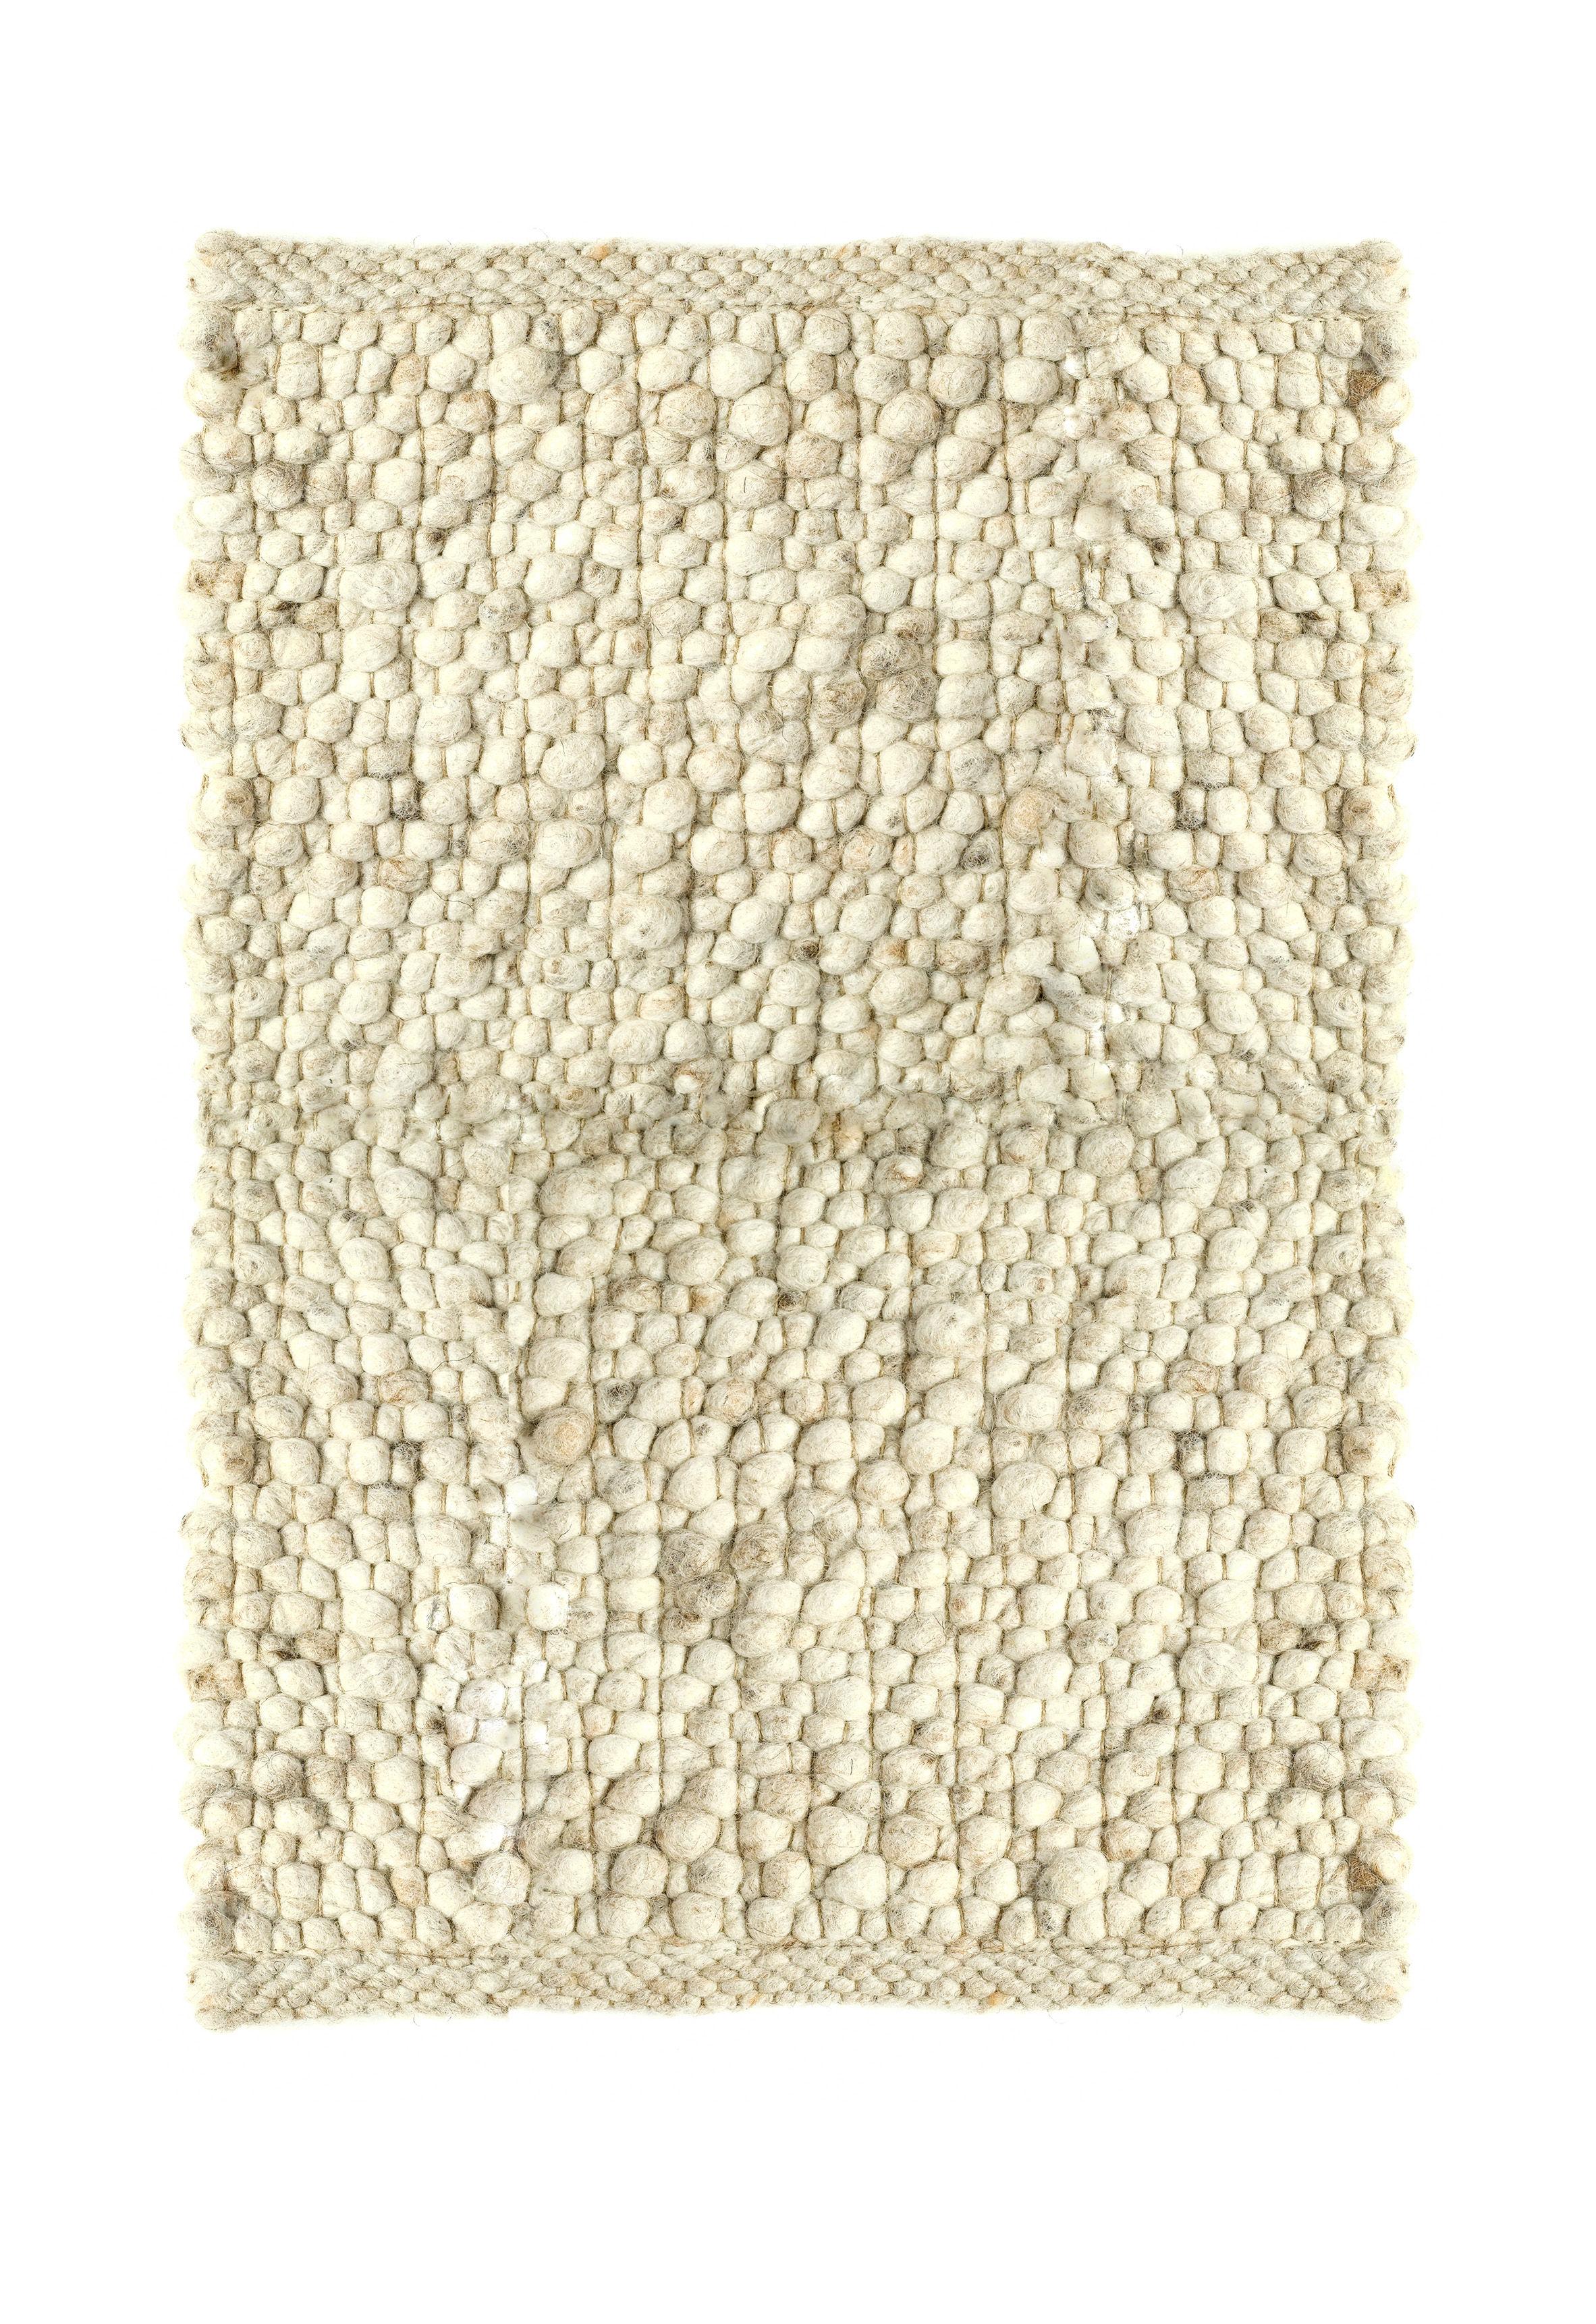 tapis carpet pebbles 130 x 200 cm 130 x 200 cm blanc cass pols potten. Black Bedroom Furniture Sets. Home Design Ideas